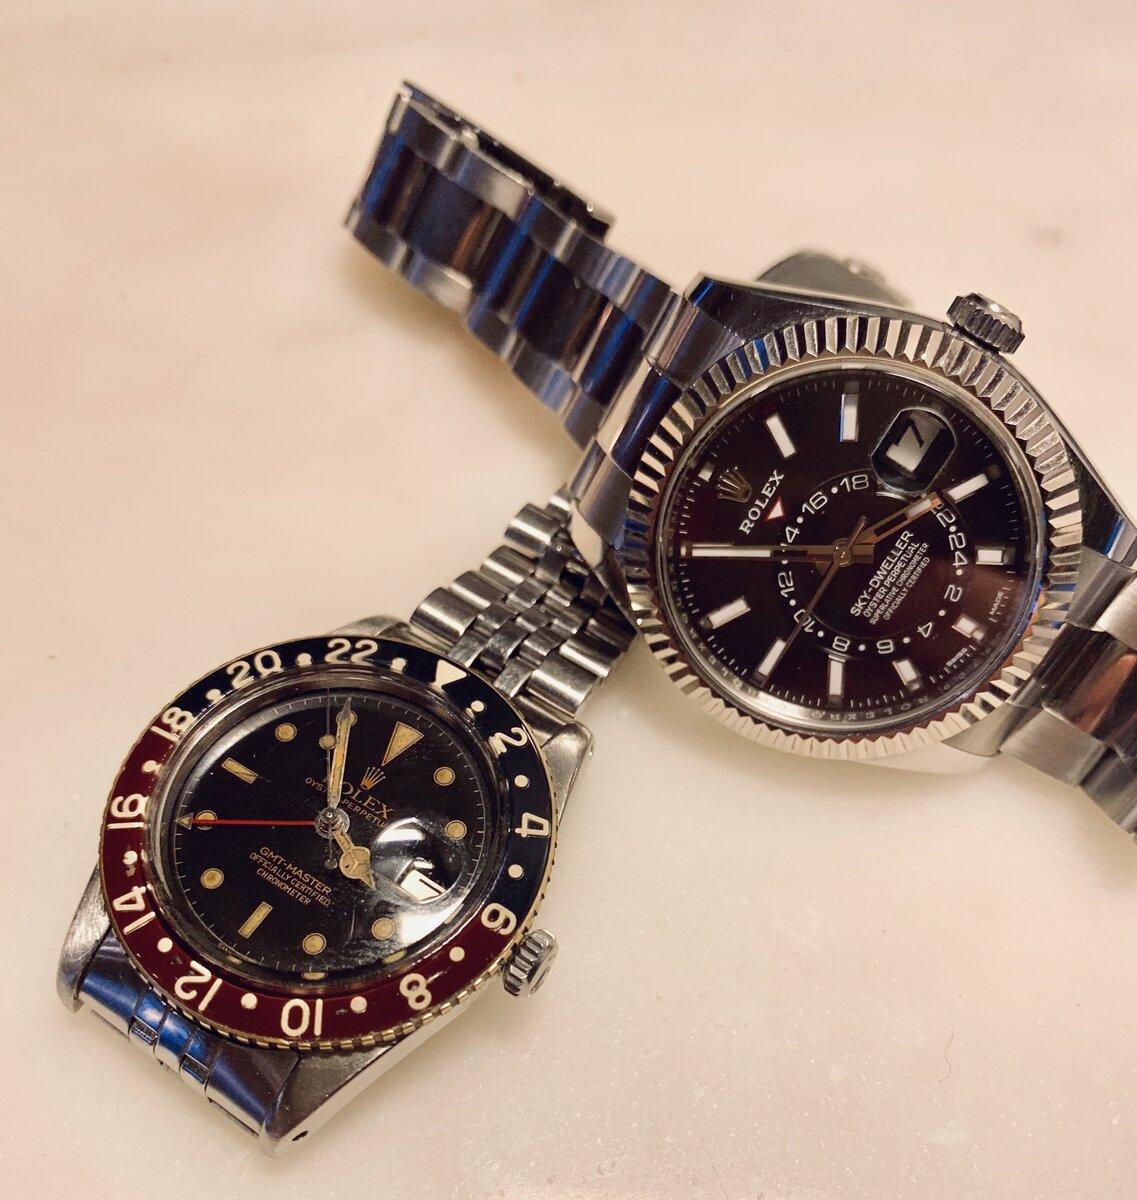 996C432F-2157-4B42-A568-2D25BBB0FCEE.